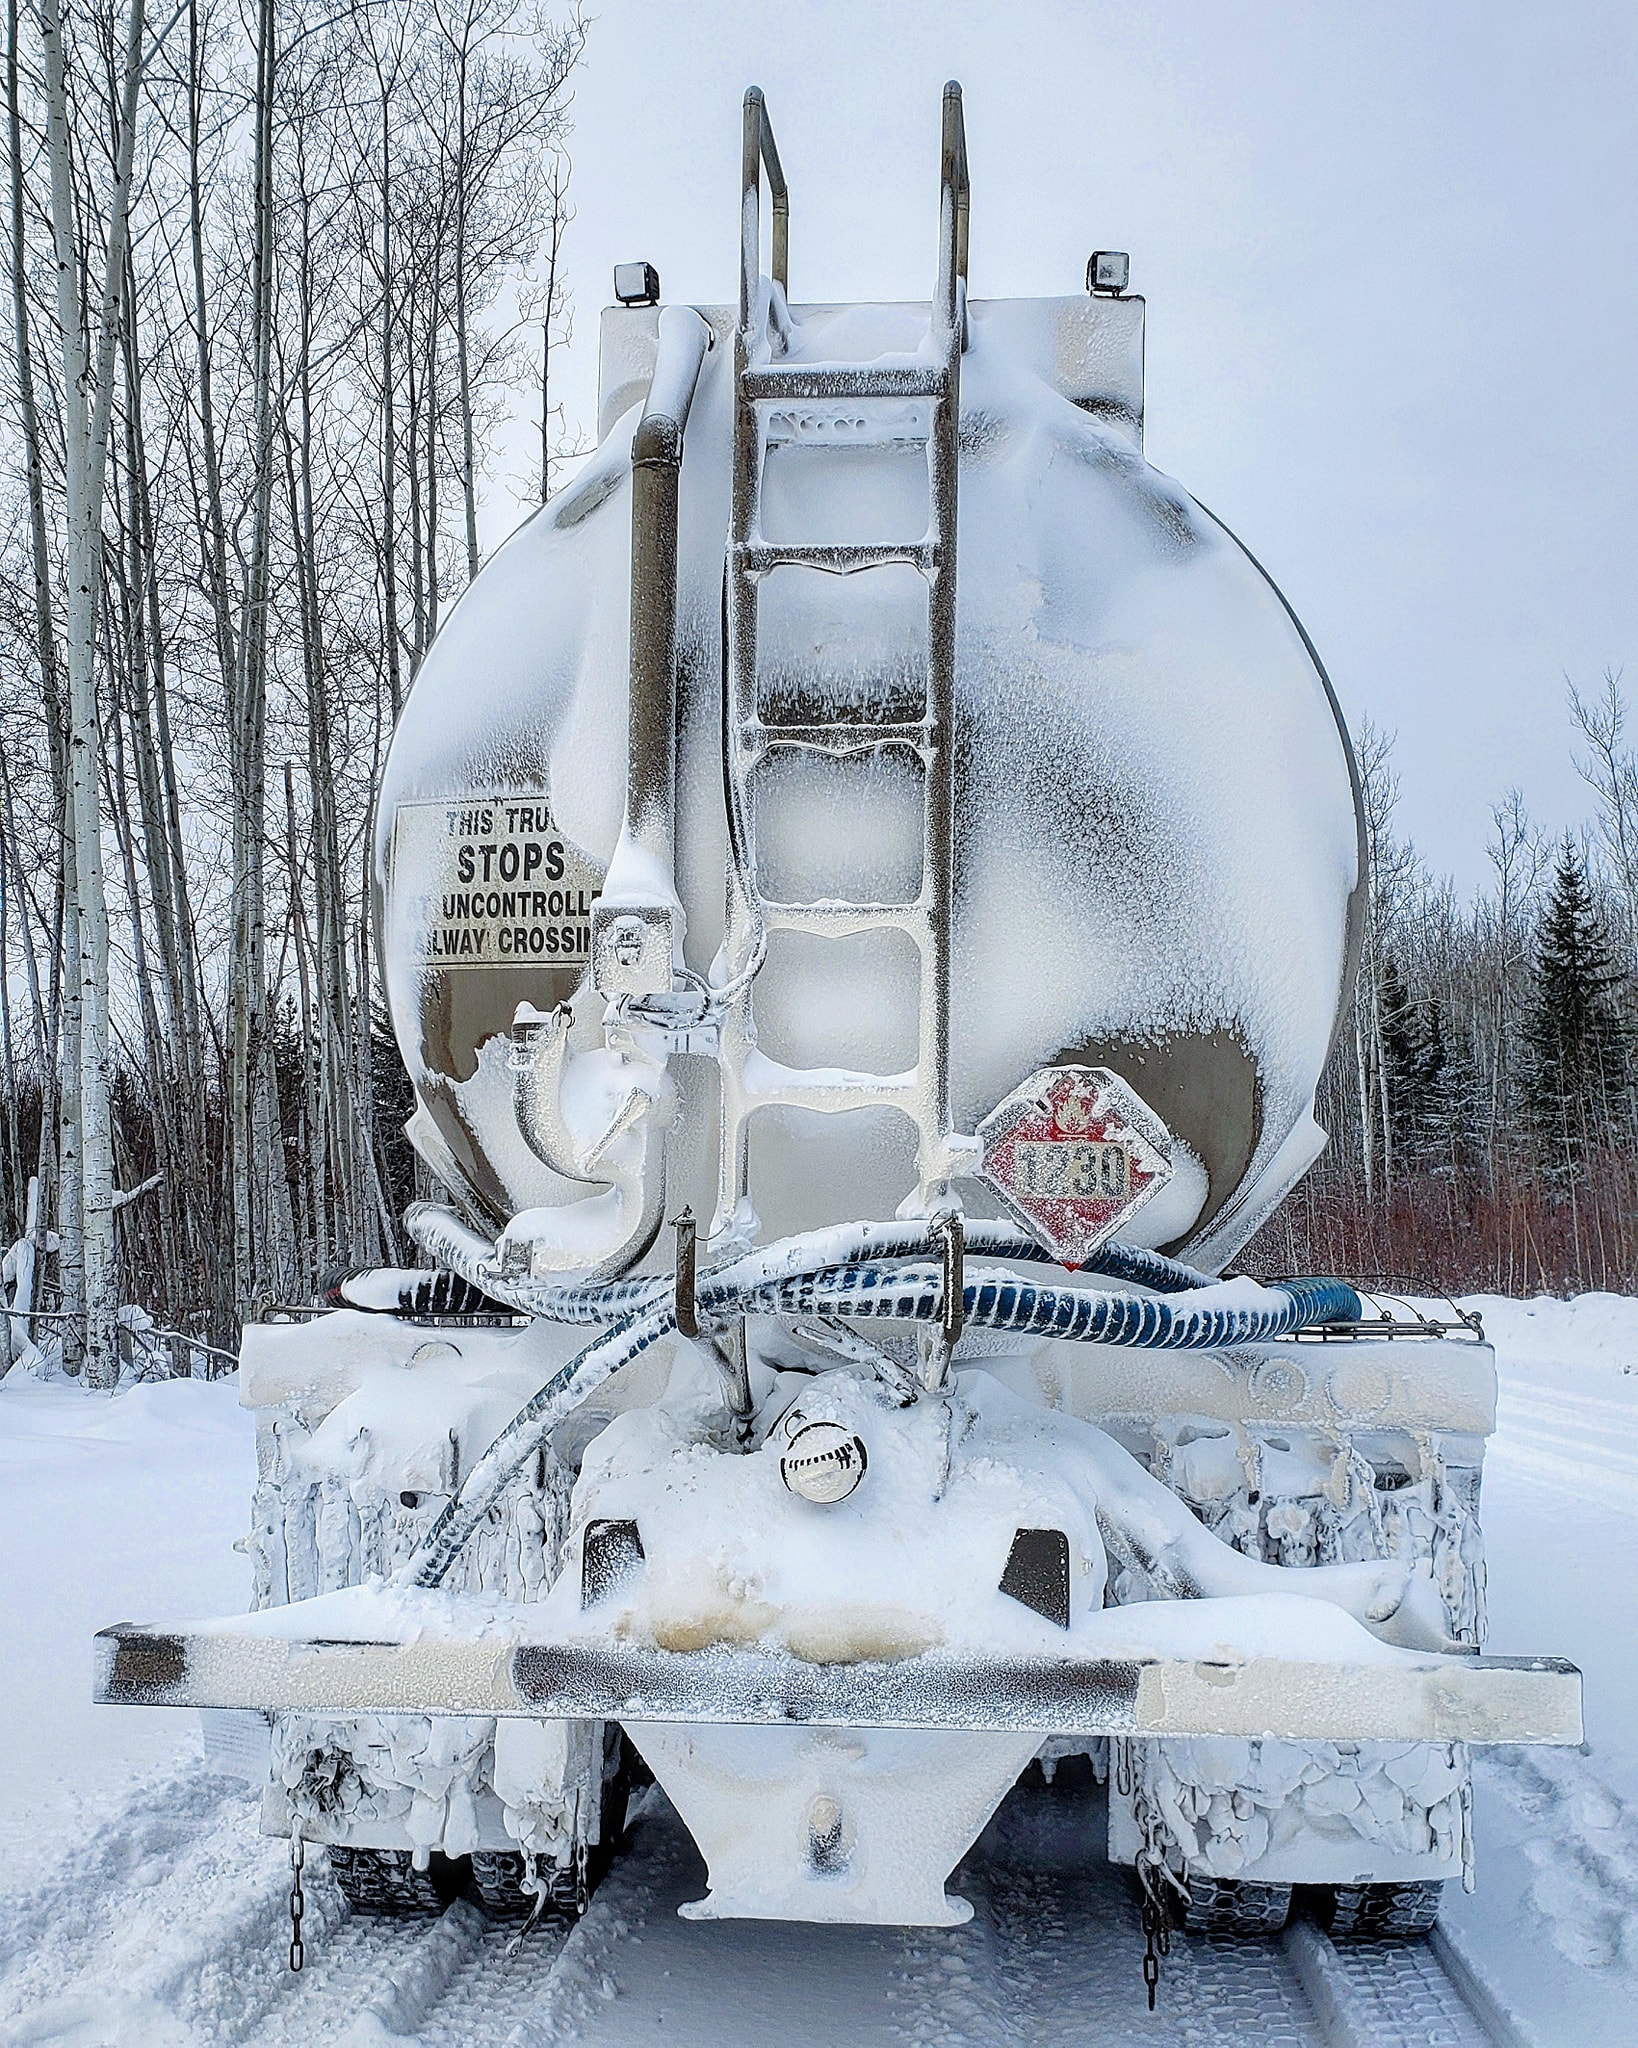 14-2-2020--nu-met-tankwagen-om-meer-thuis-te-zijn-Taber--(6)